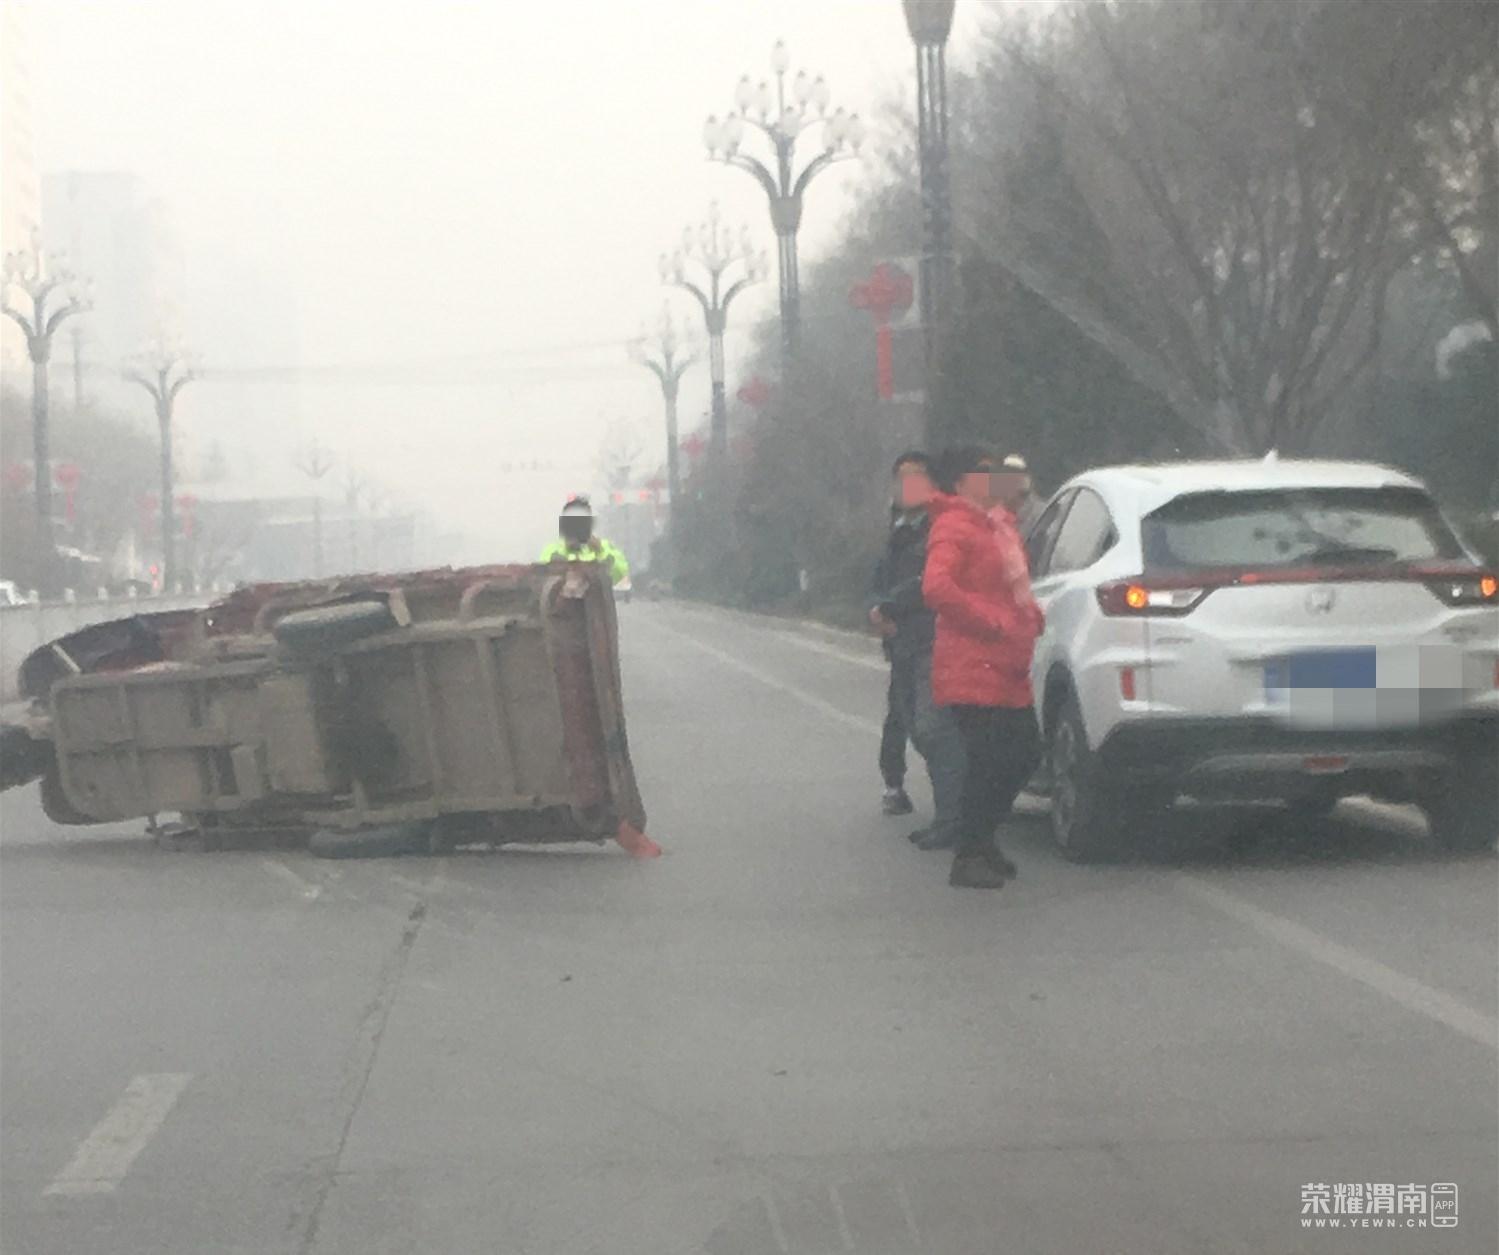 今天中午朝阳大街发生一起车祸,三轮摩托车当场撞翻